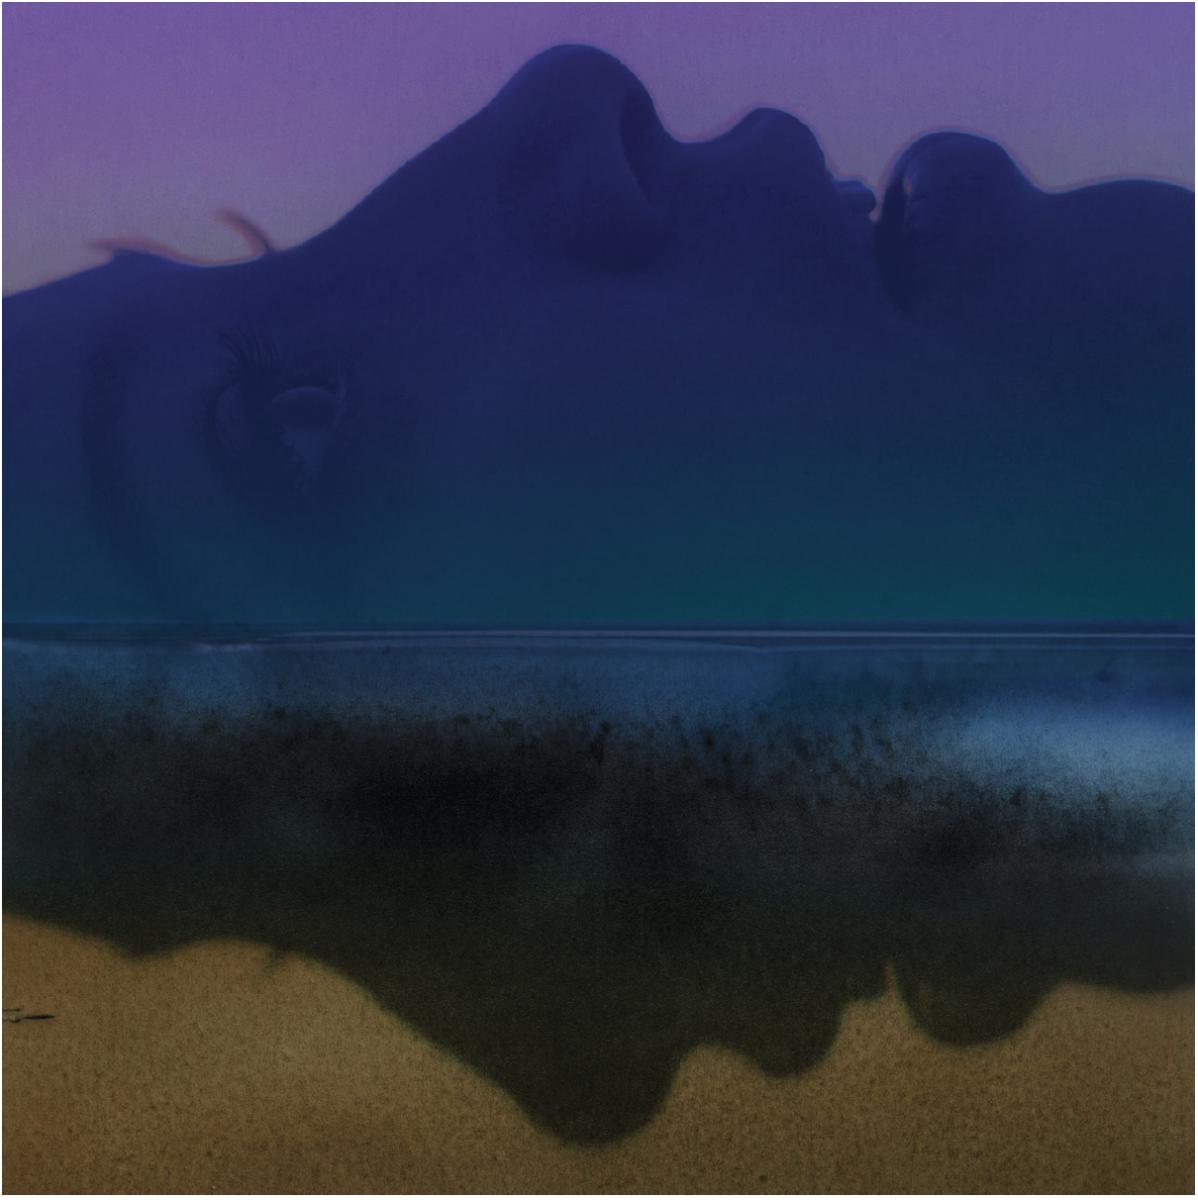 Meryem album cover art